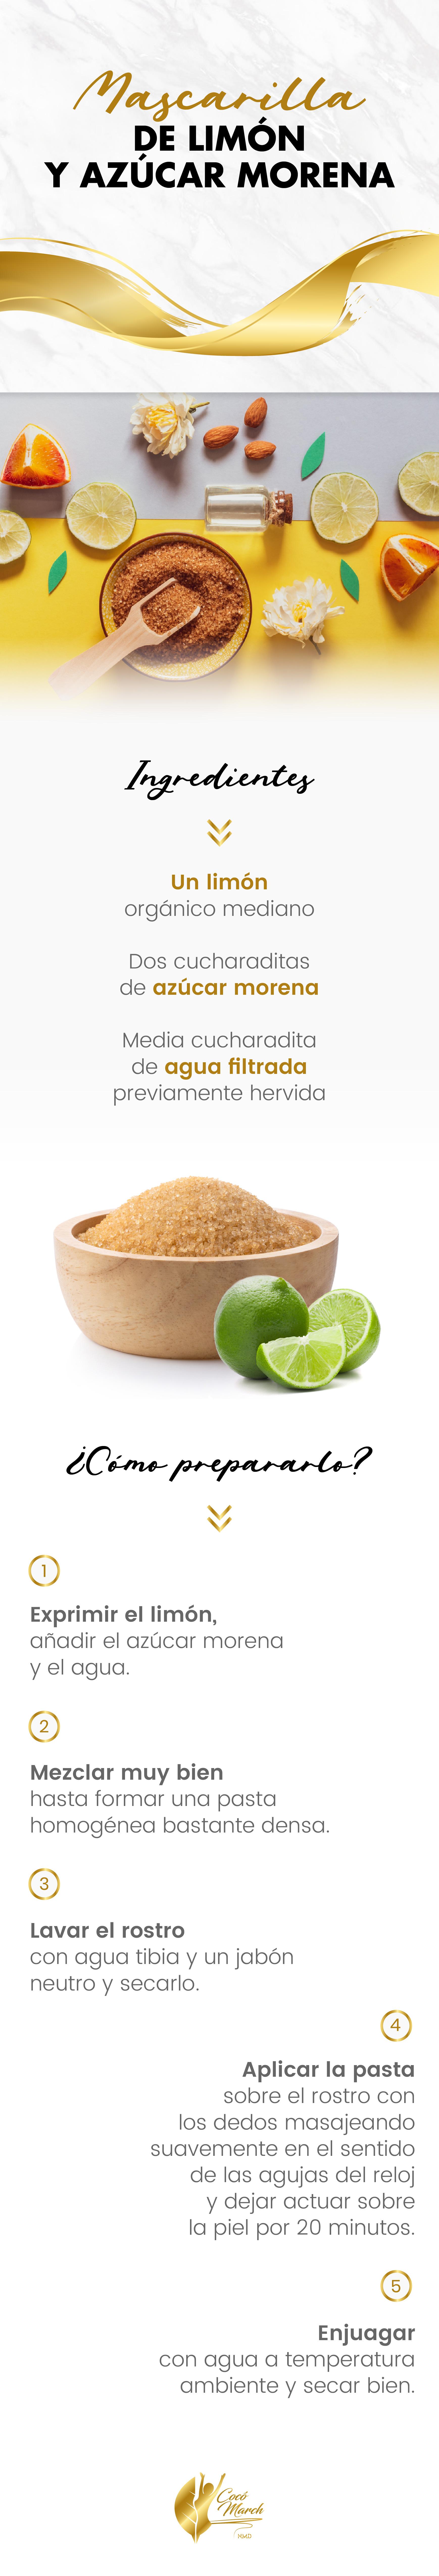 mascarilla-de-limon-y-azucar-morena